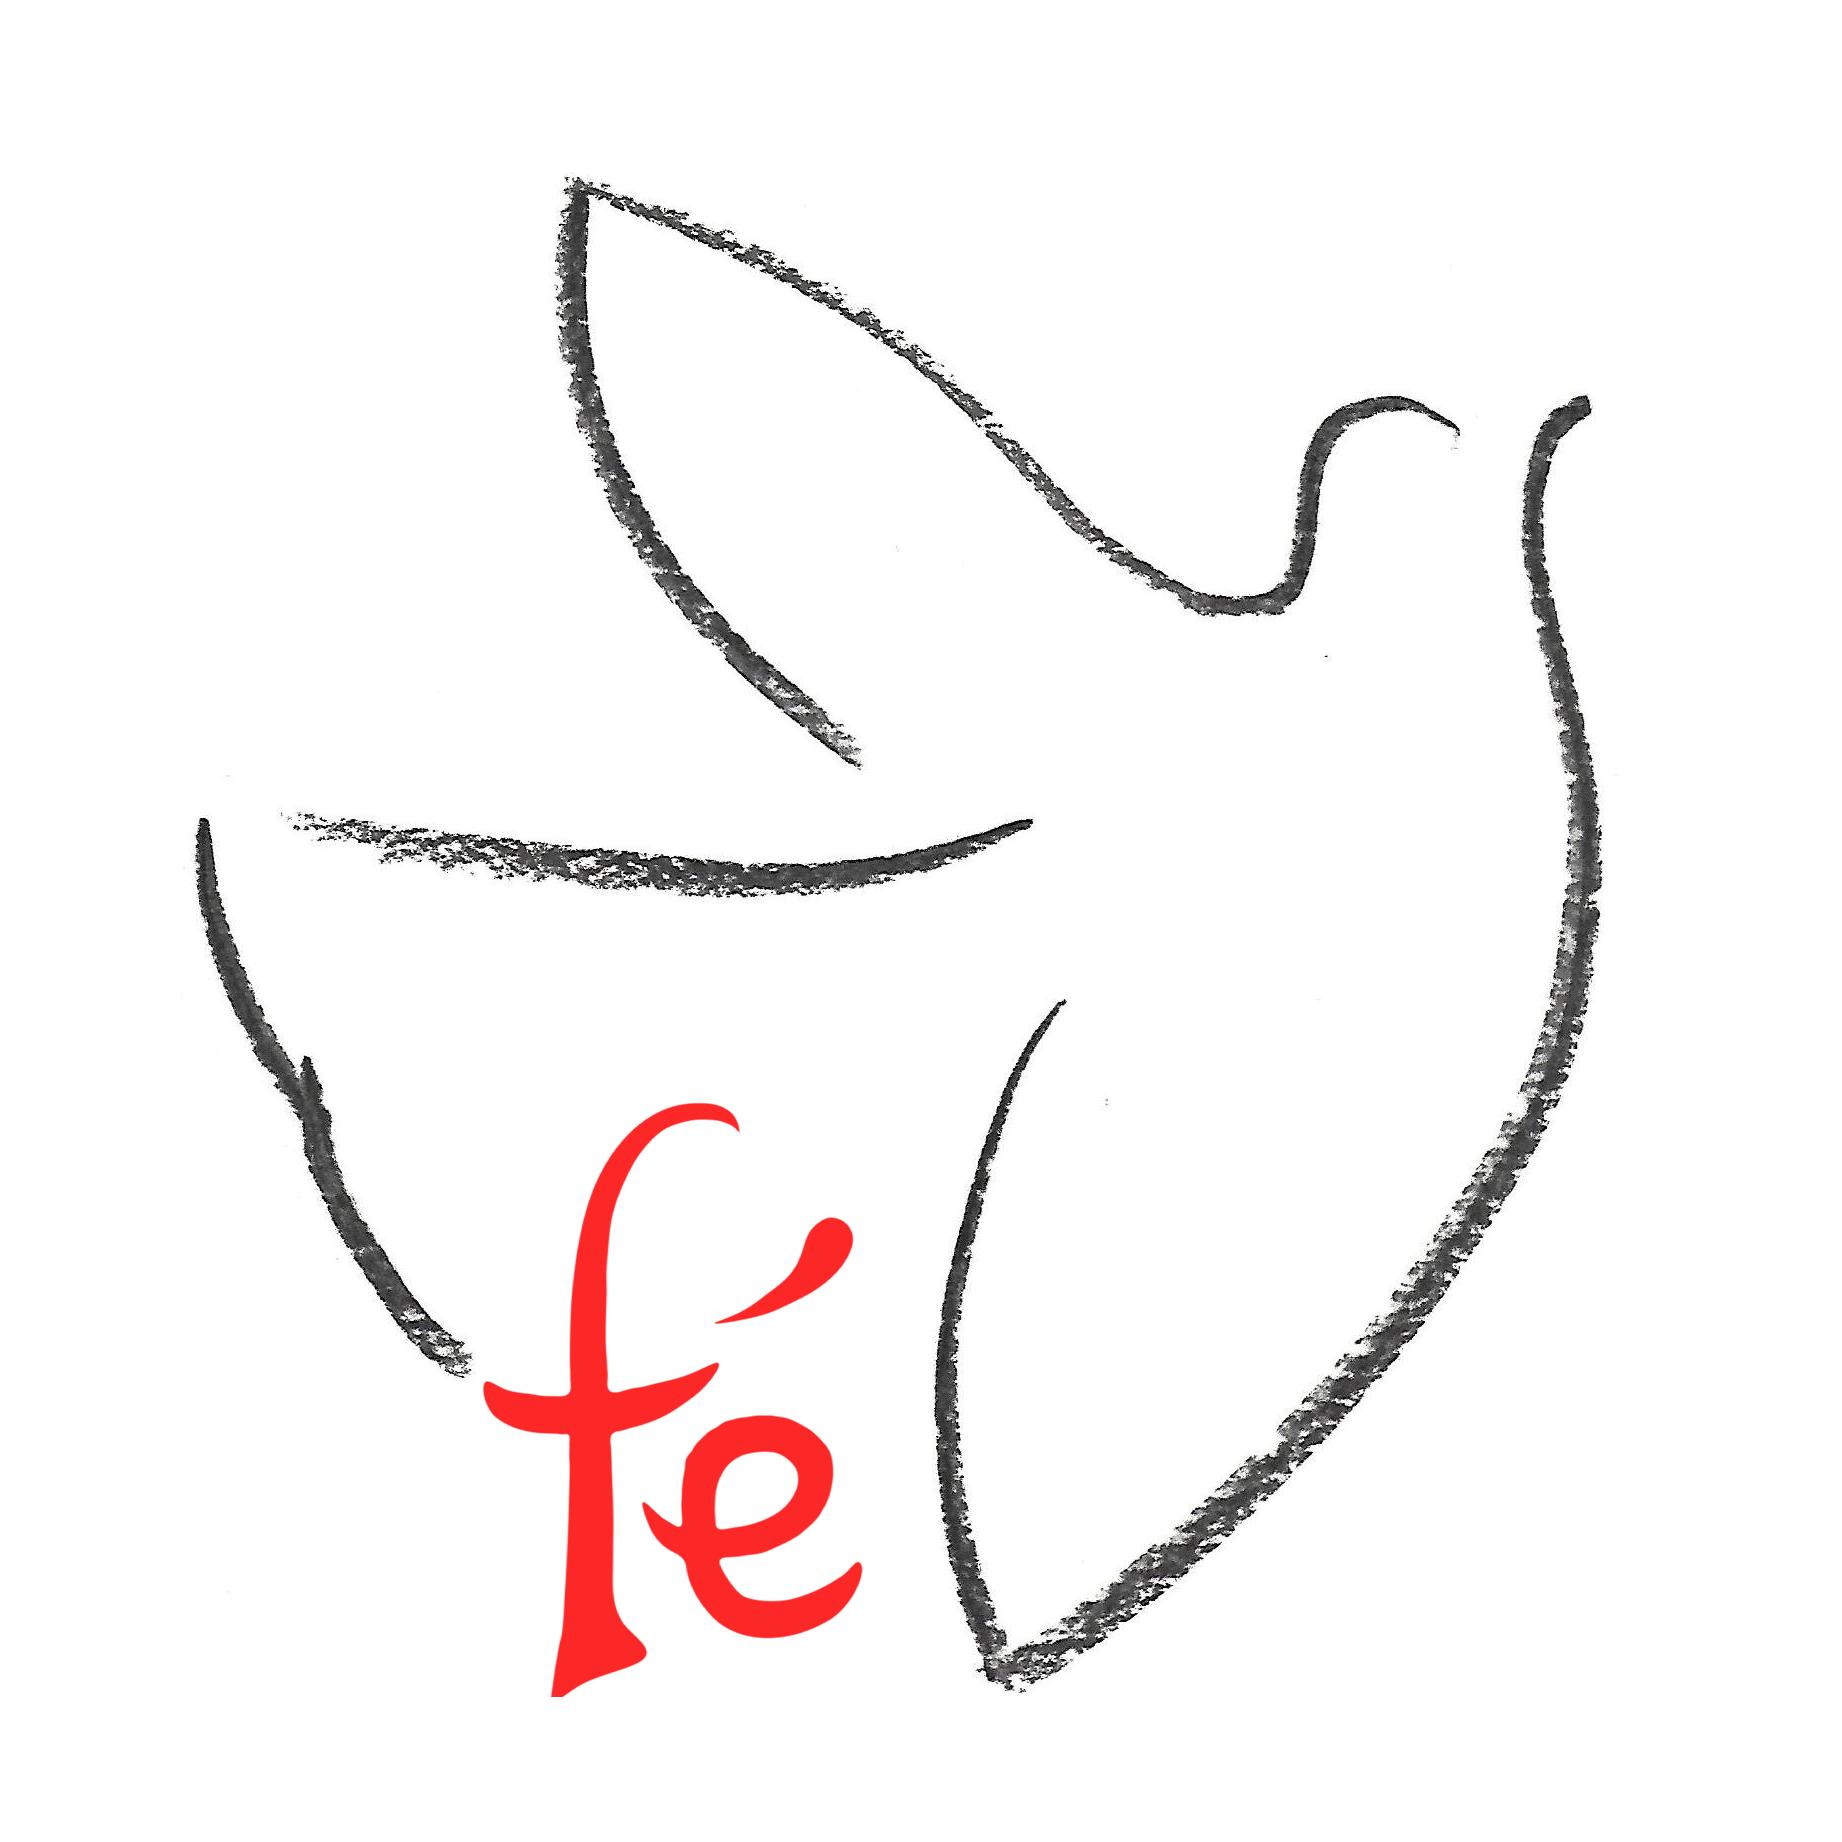 logo fé